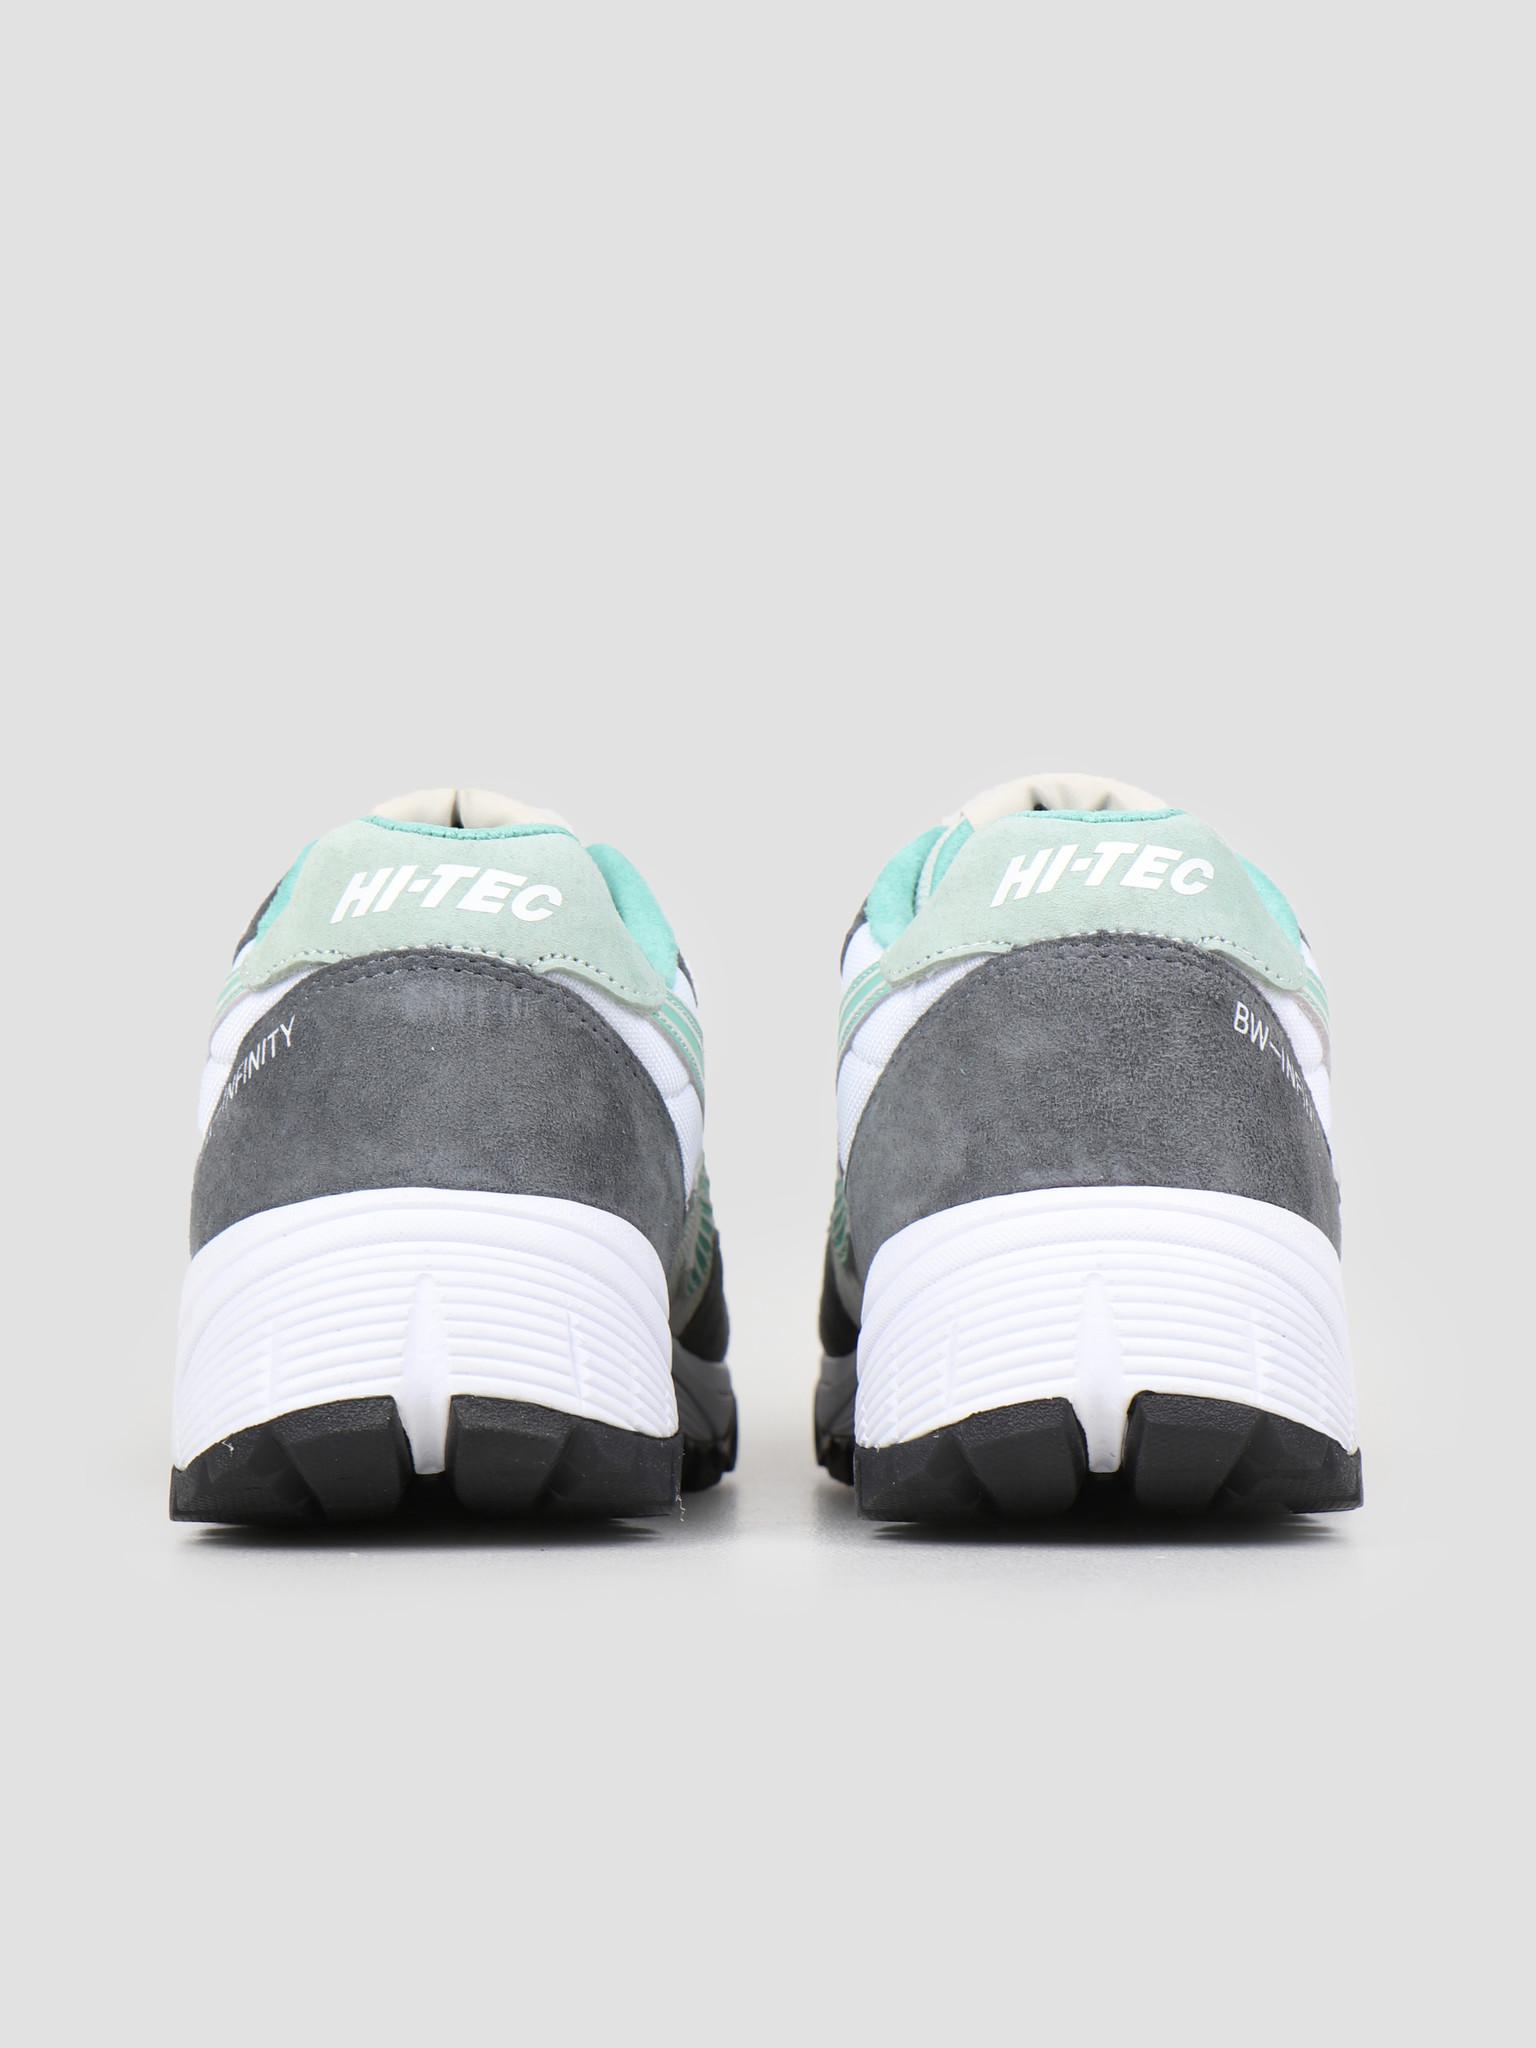 Hi-Tec Hi-Tec HTS Bw Infinity Grey Jade K010003-061